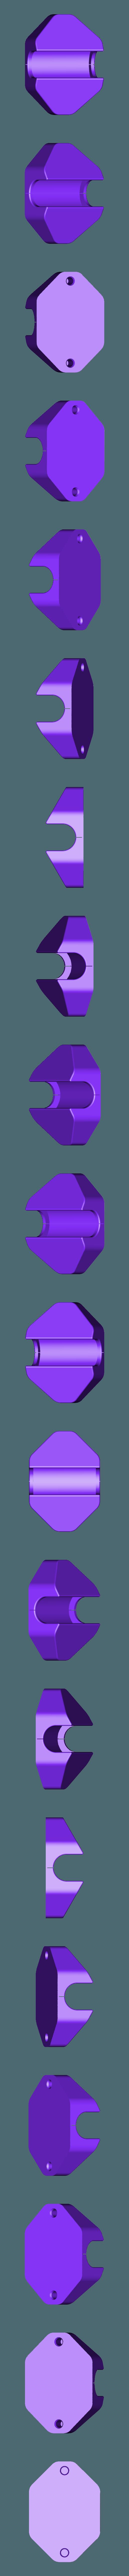 Bearing_Mount_v1-0.STL Télécharger fichier STL gratuit LM8UUU Support de palier • Modèle à imprimer en 3D, WalterHsiao